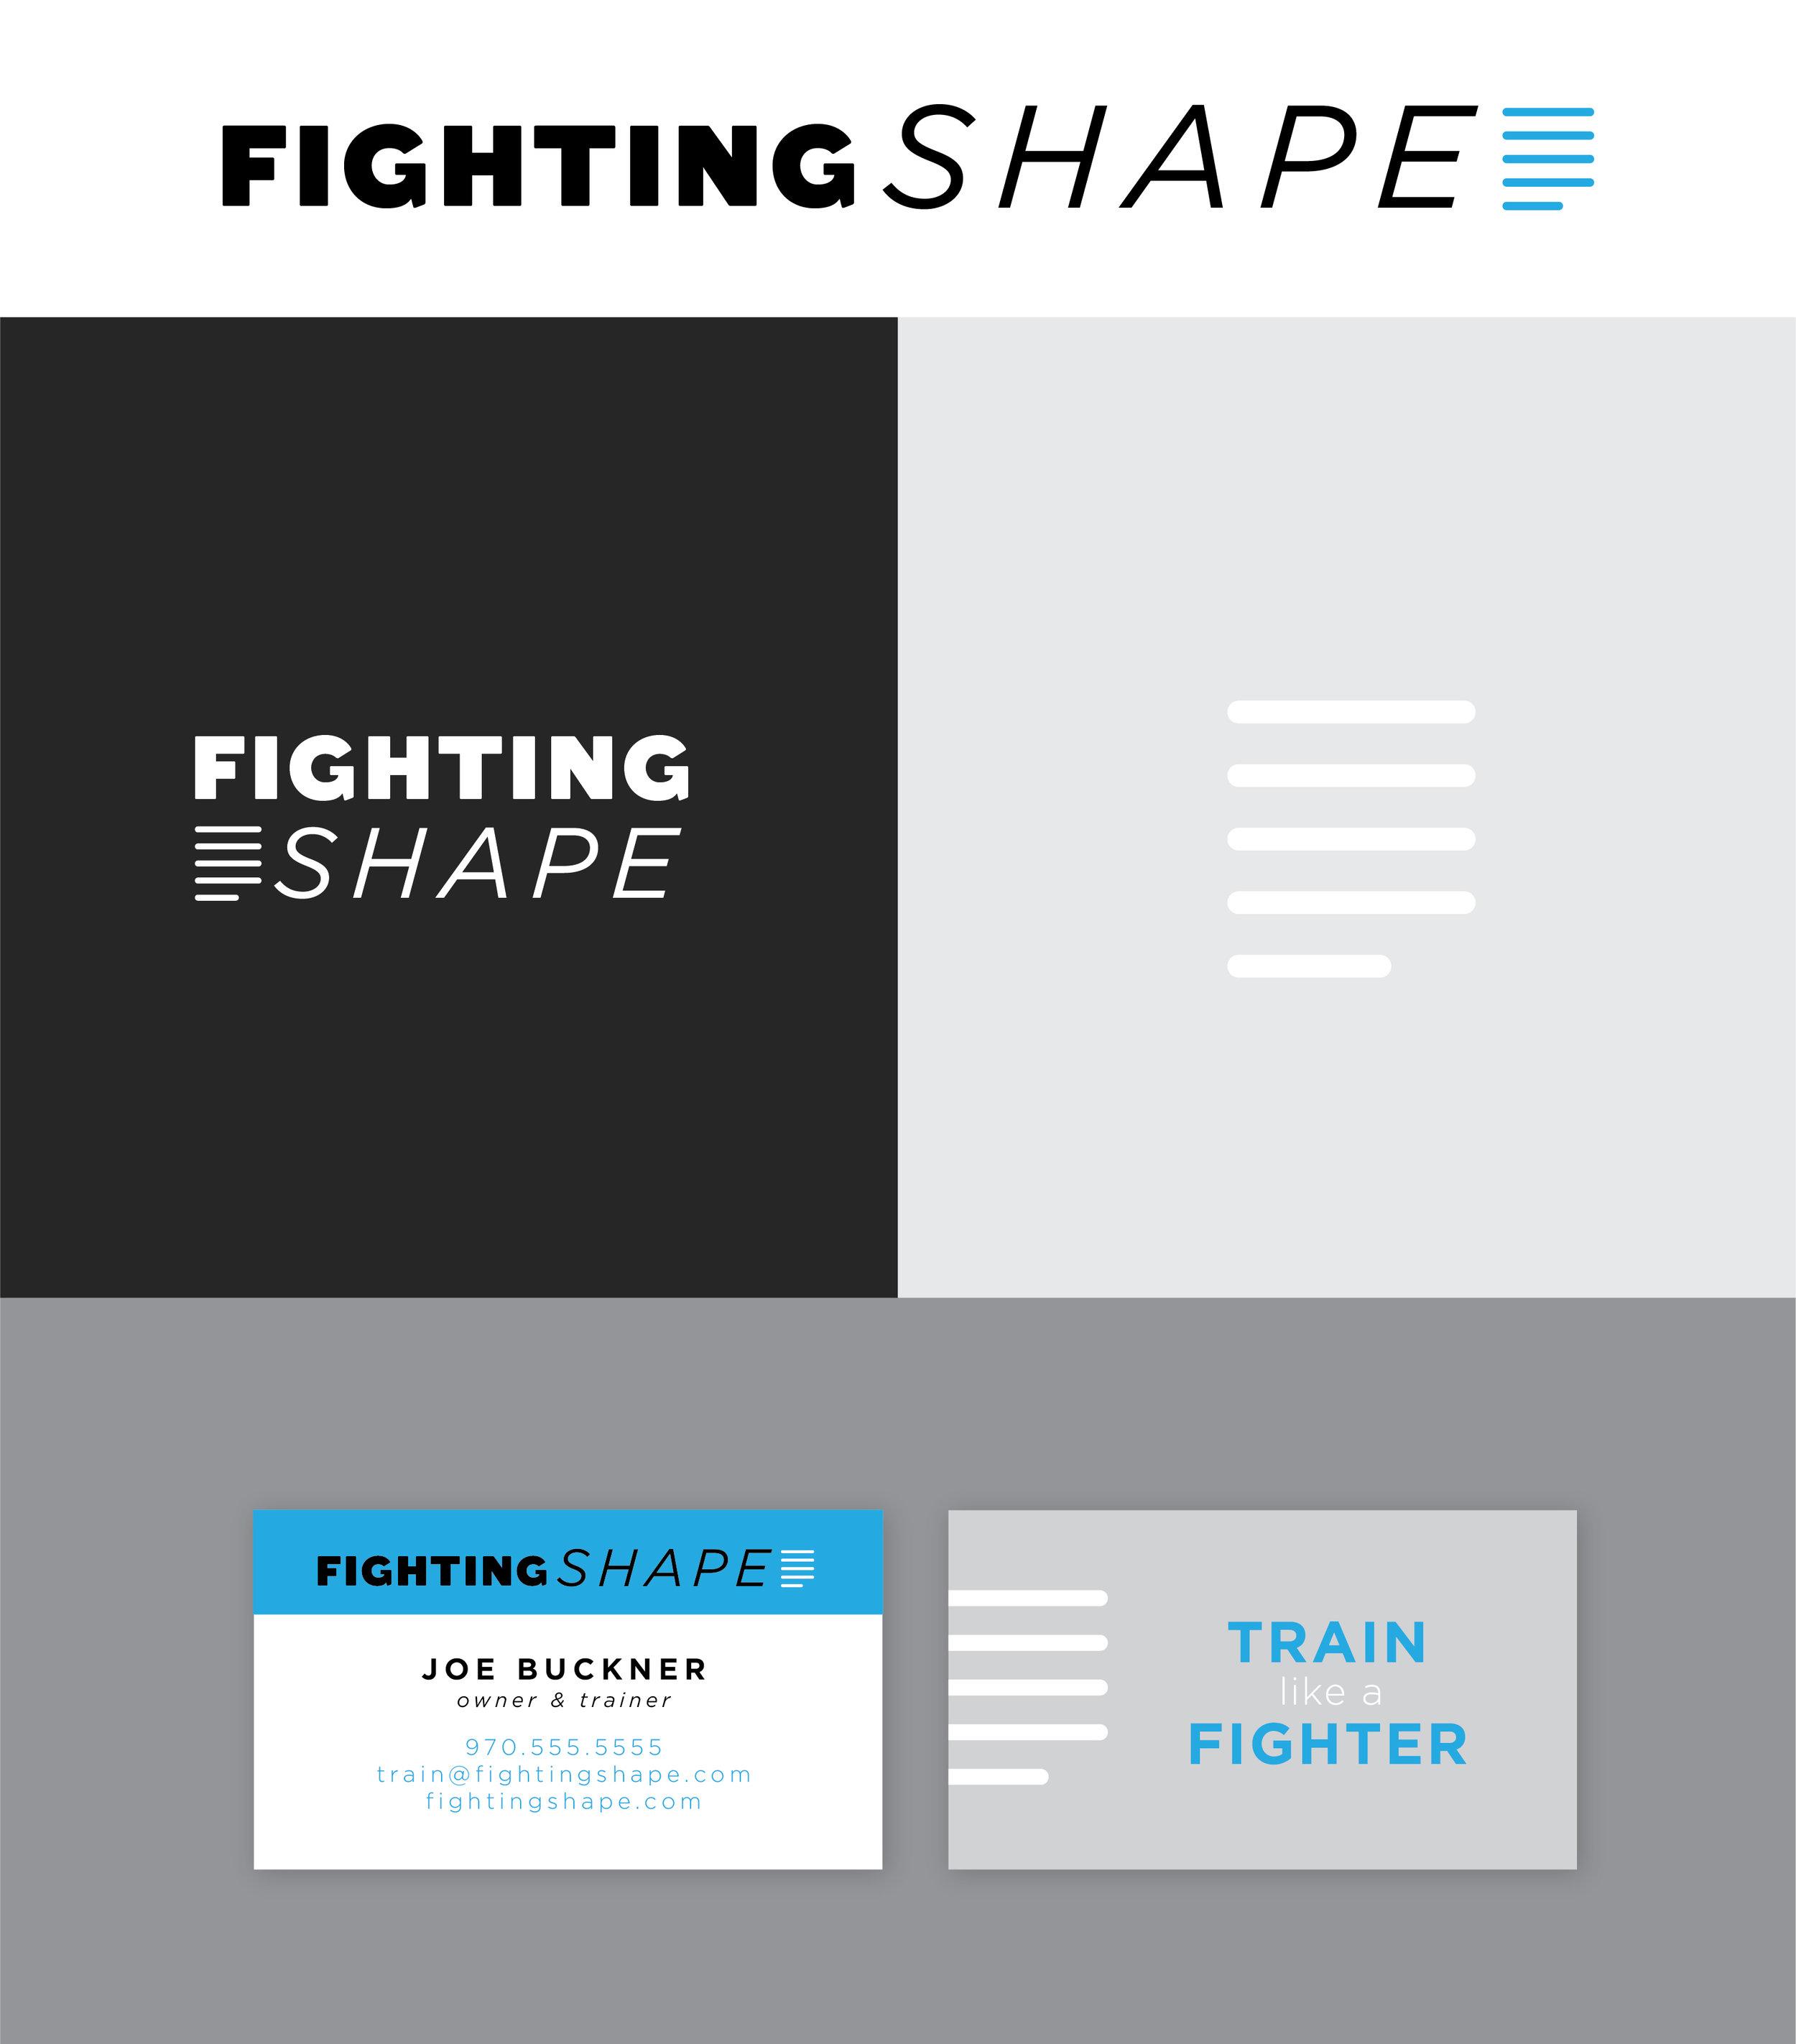 FightingShape_FirstLook-01.jpg